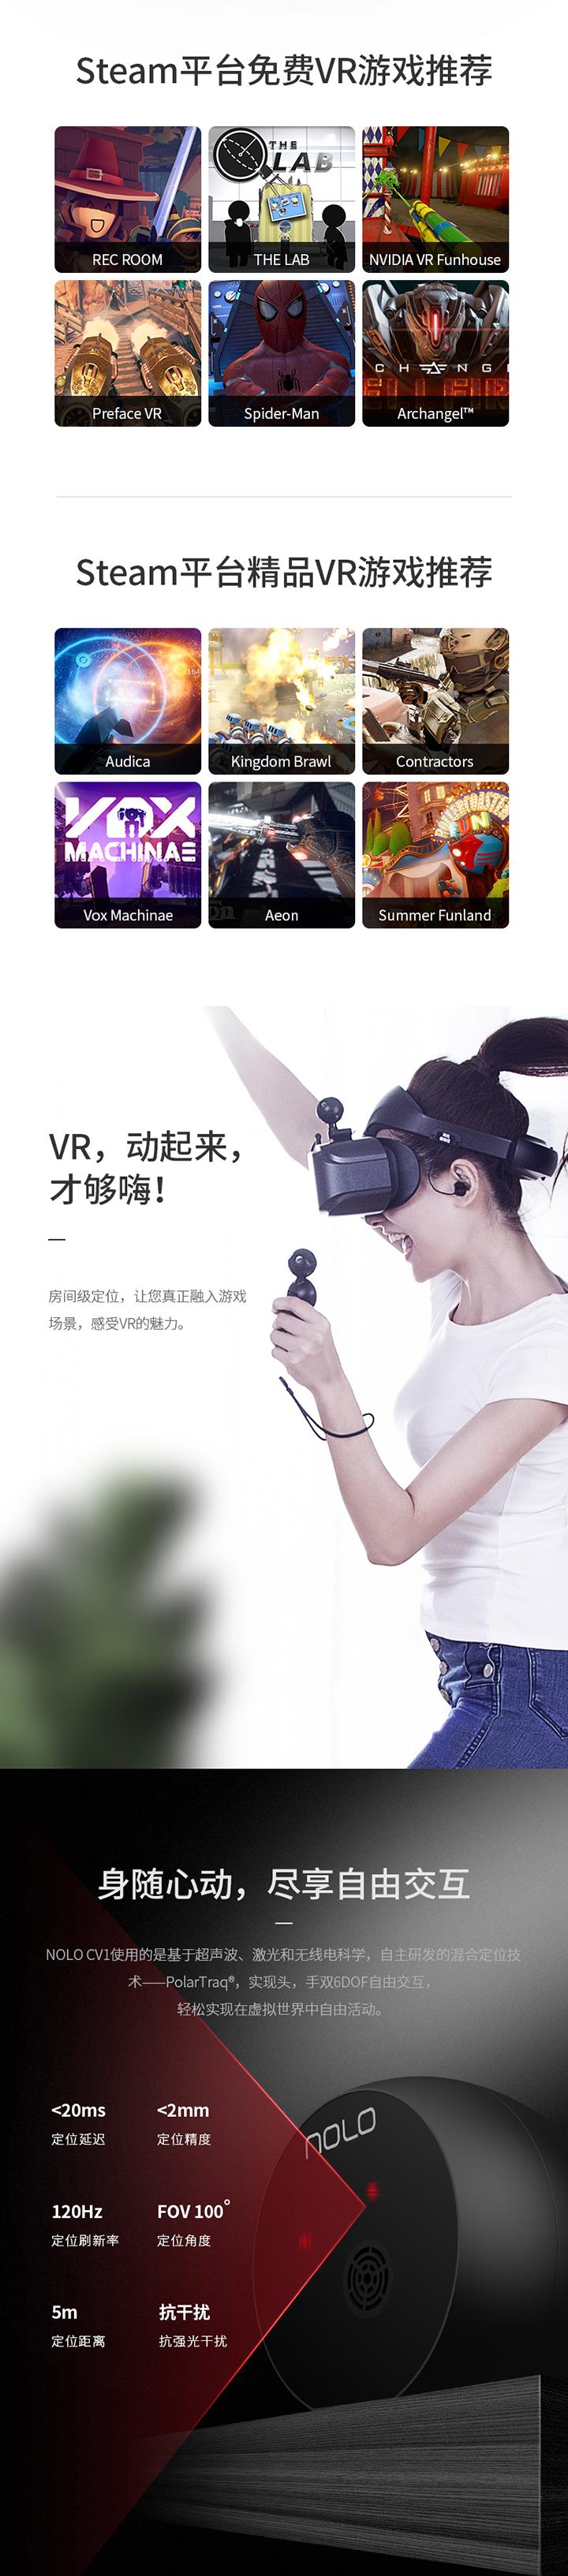 天翼云VR线下体验免费试用,评测